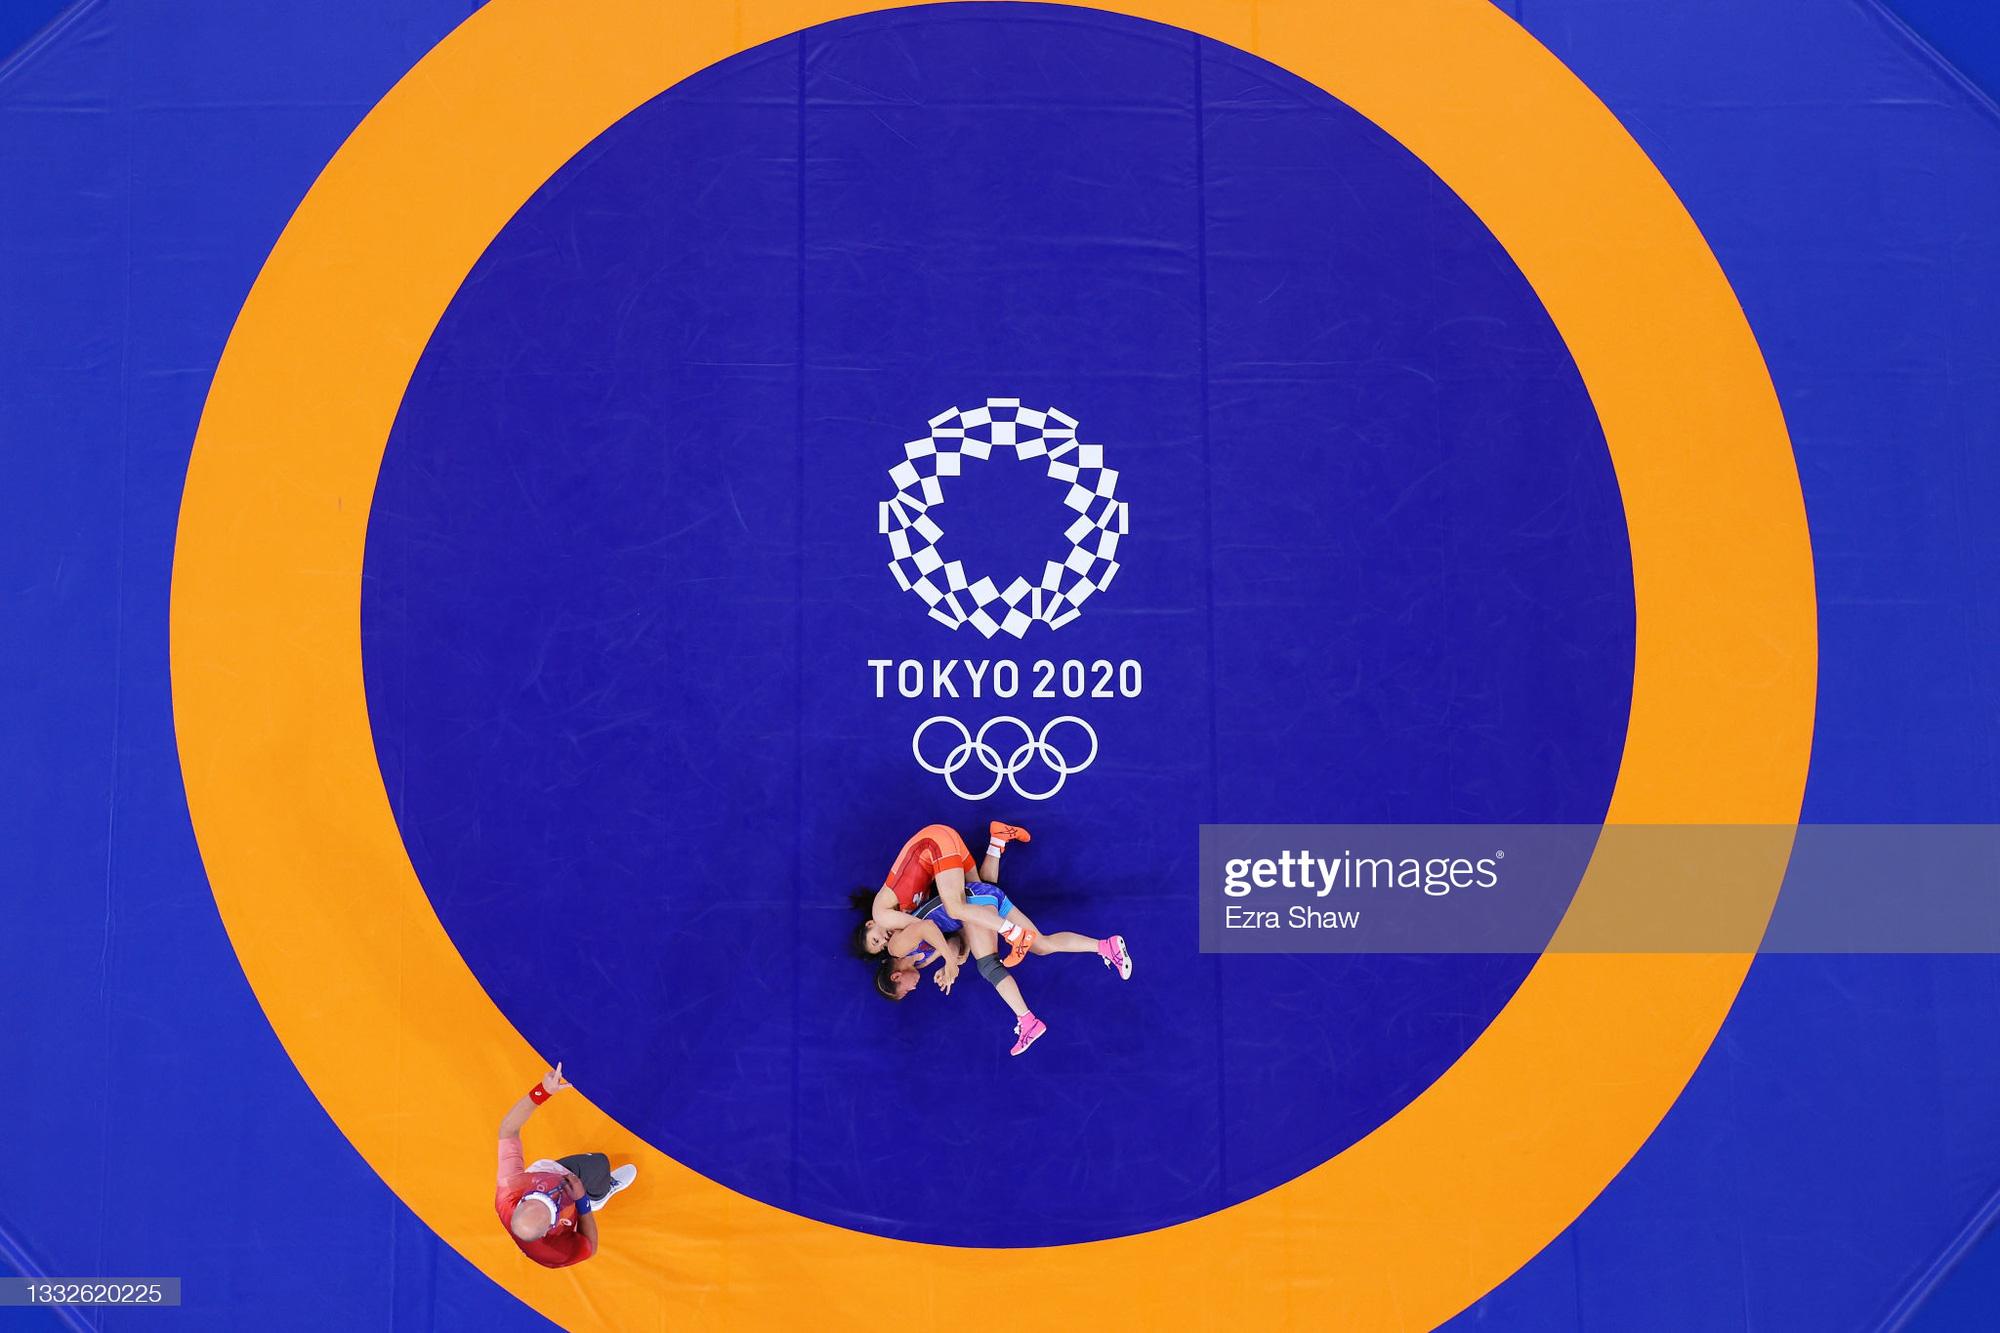 Những góc ảnh đẹp ngỡ ngàng ở Olympic Tokyo 2020 - Ảnh 12.